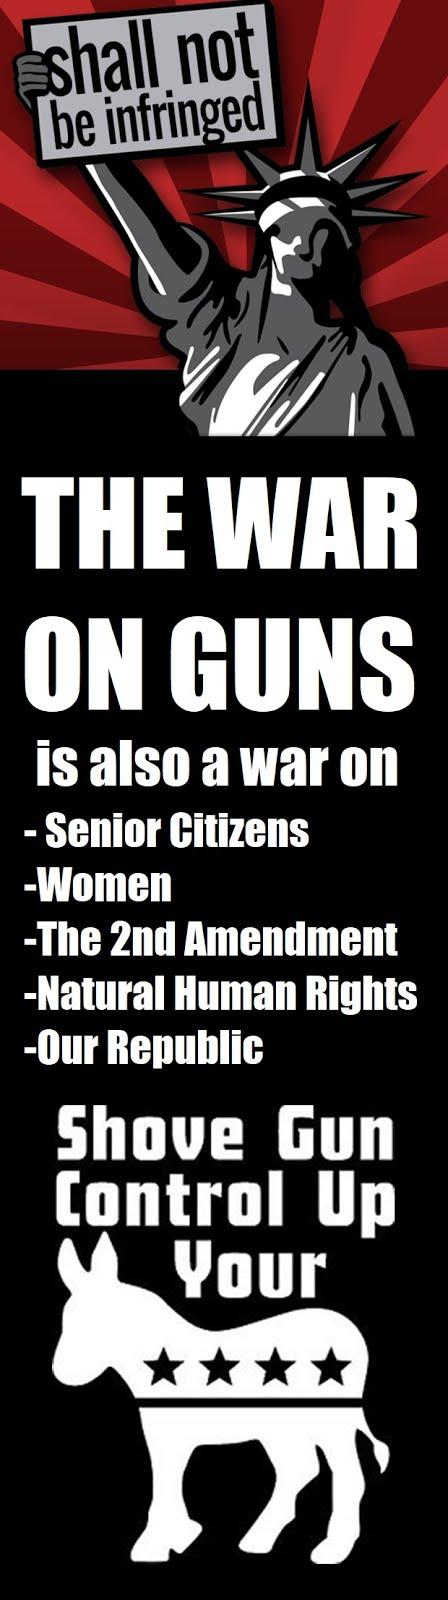 The War On Guns!